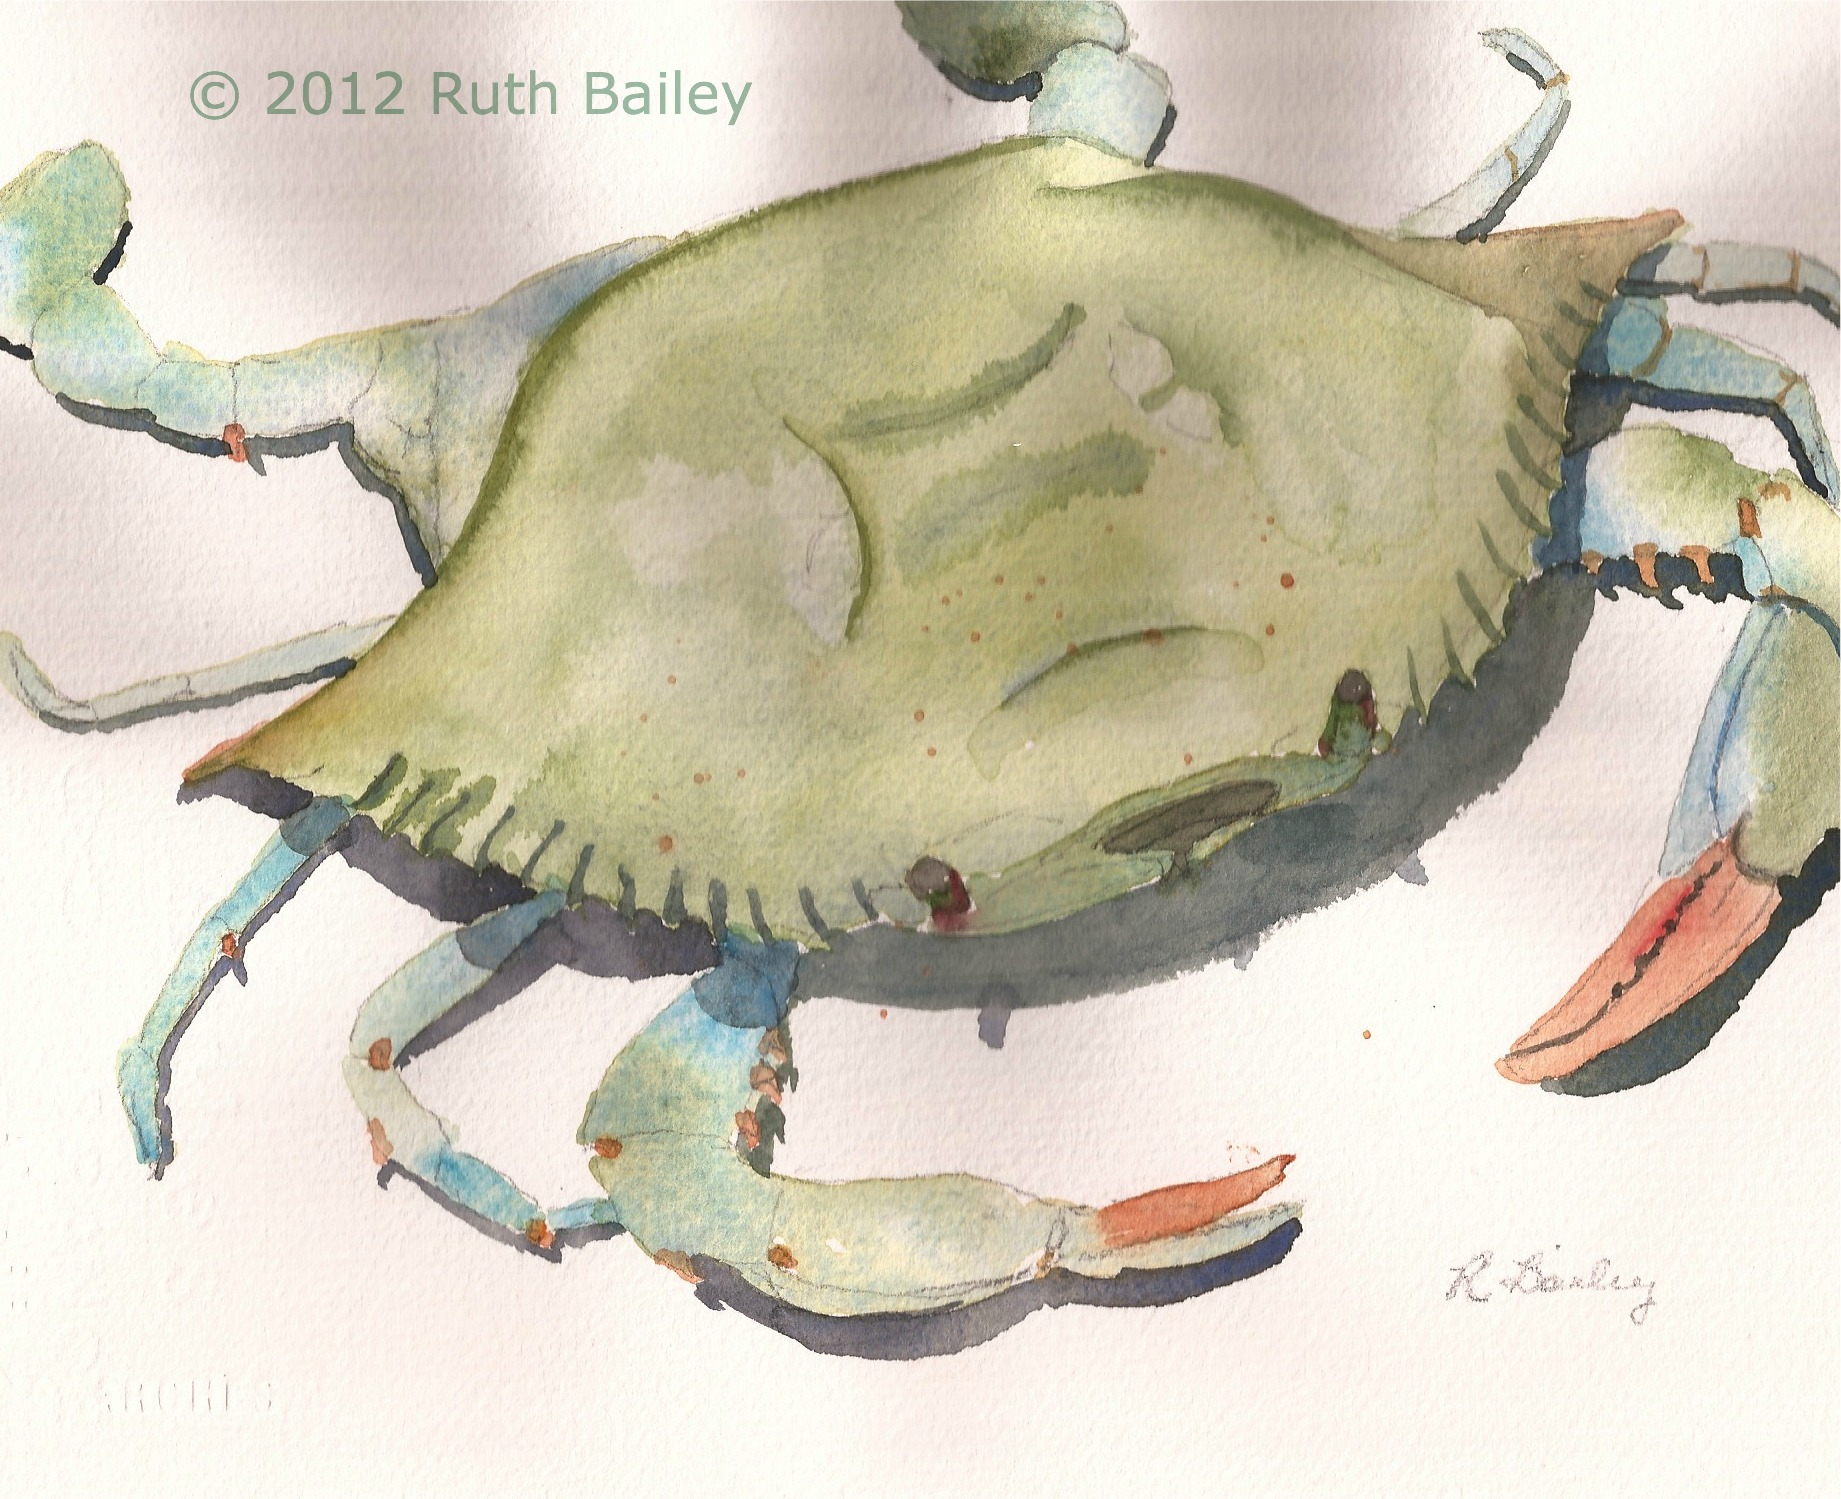 June 2012 – Ruth Bailey, artist